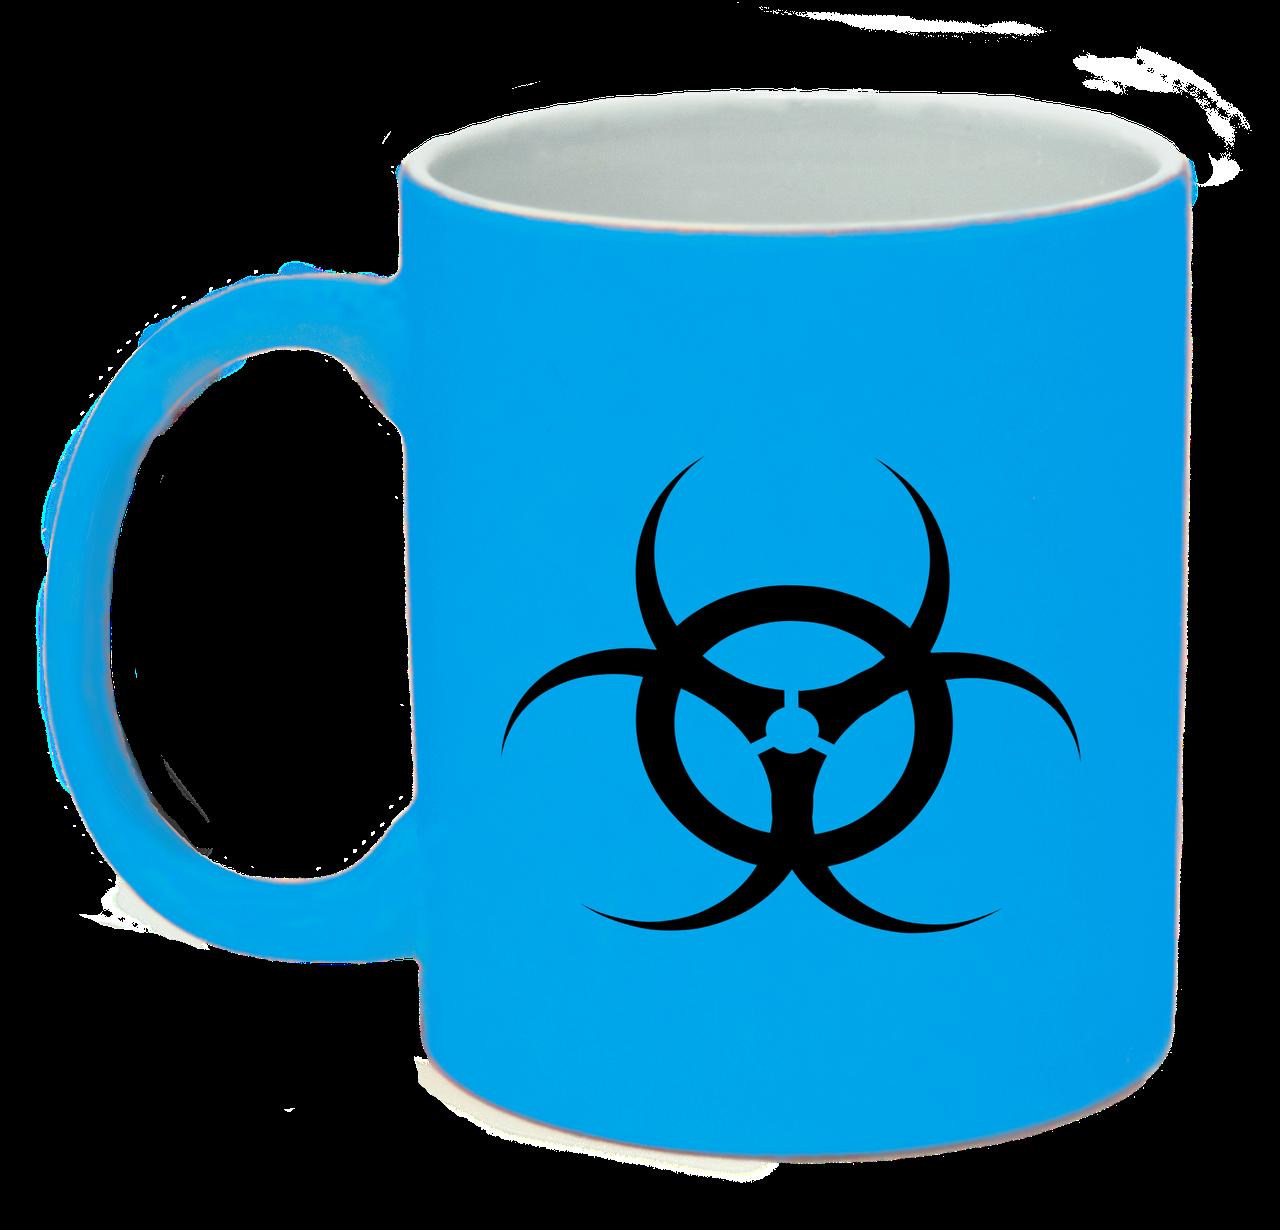 Неоновая матовая чашка Биологическая опасность, ярко-голубая